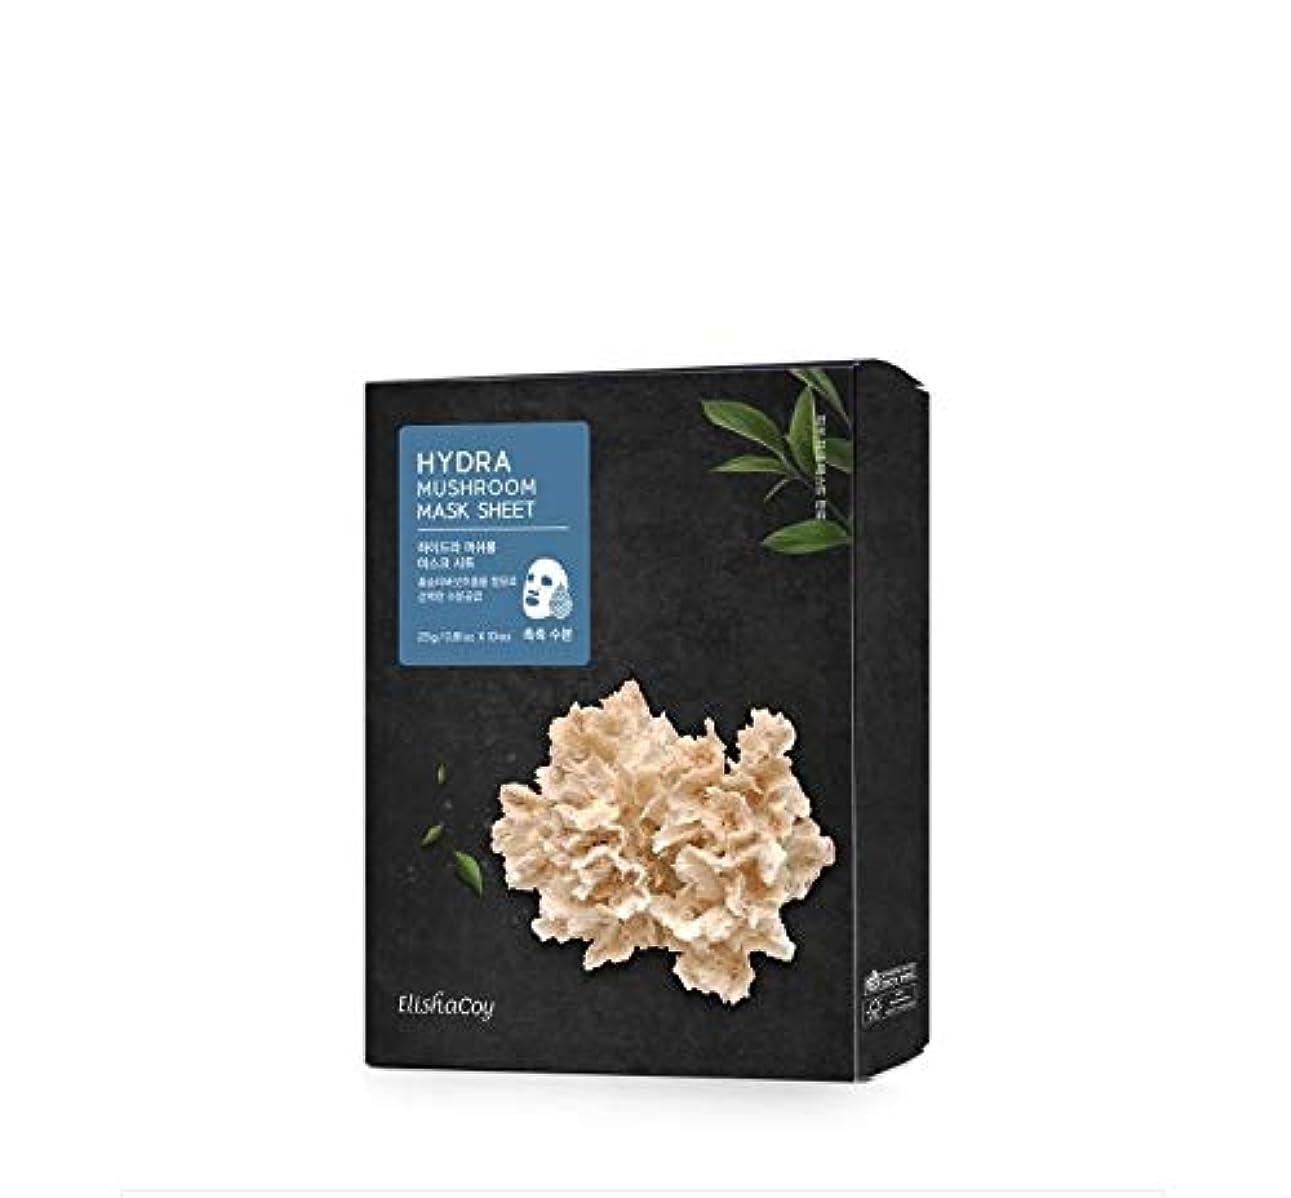 梨深い高架Elishacoy HYDRA MUSHROOM MASK SHEET (10ea) アリシアこいヒドラキノコマスクシート 韓国の人気商品 Korean Beauty Cosmetics Womens